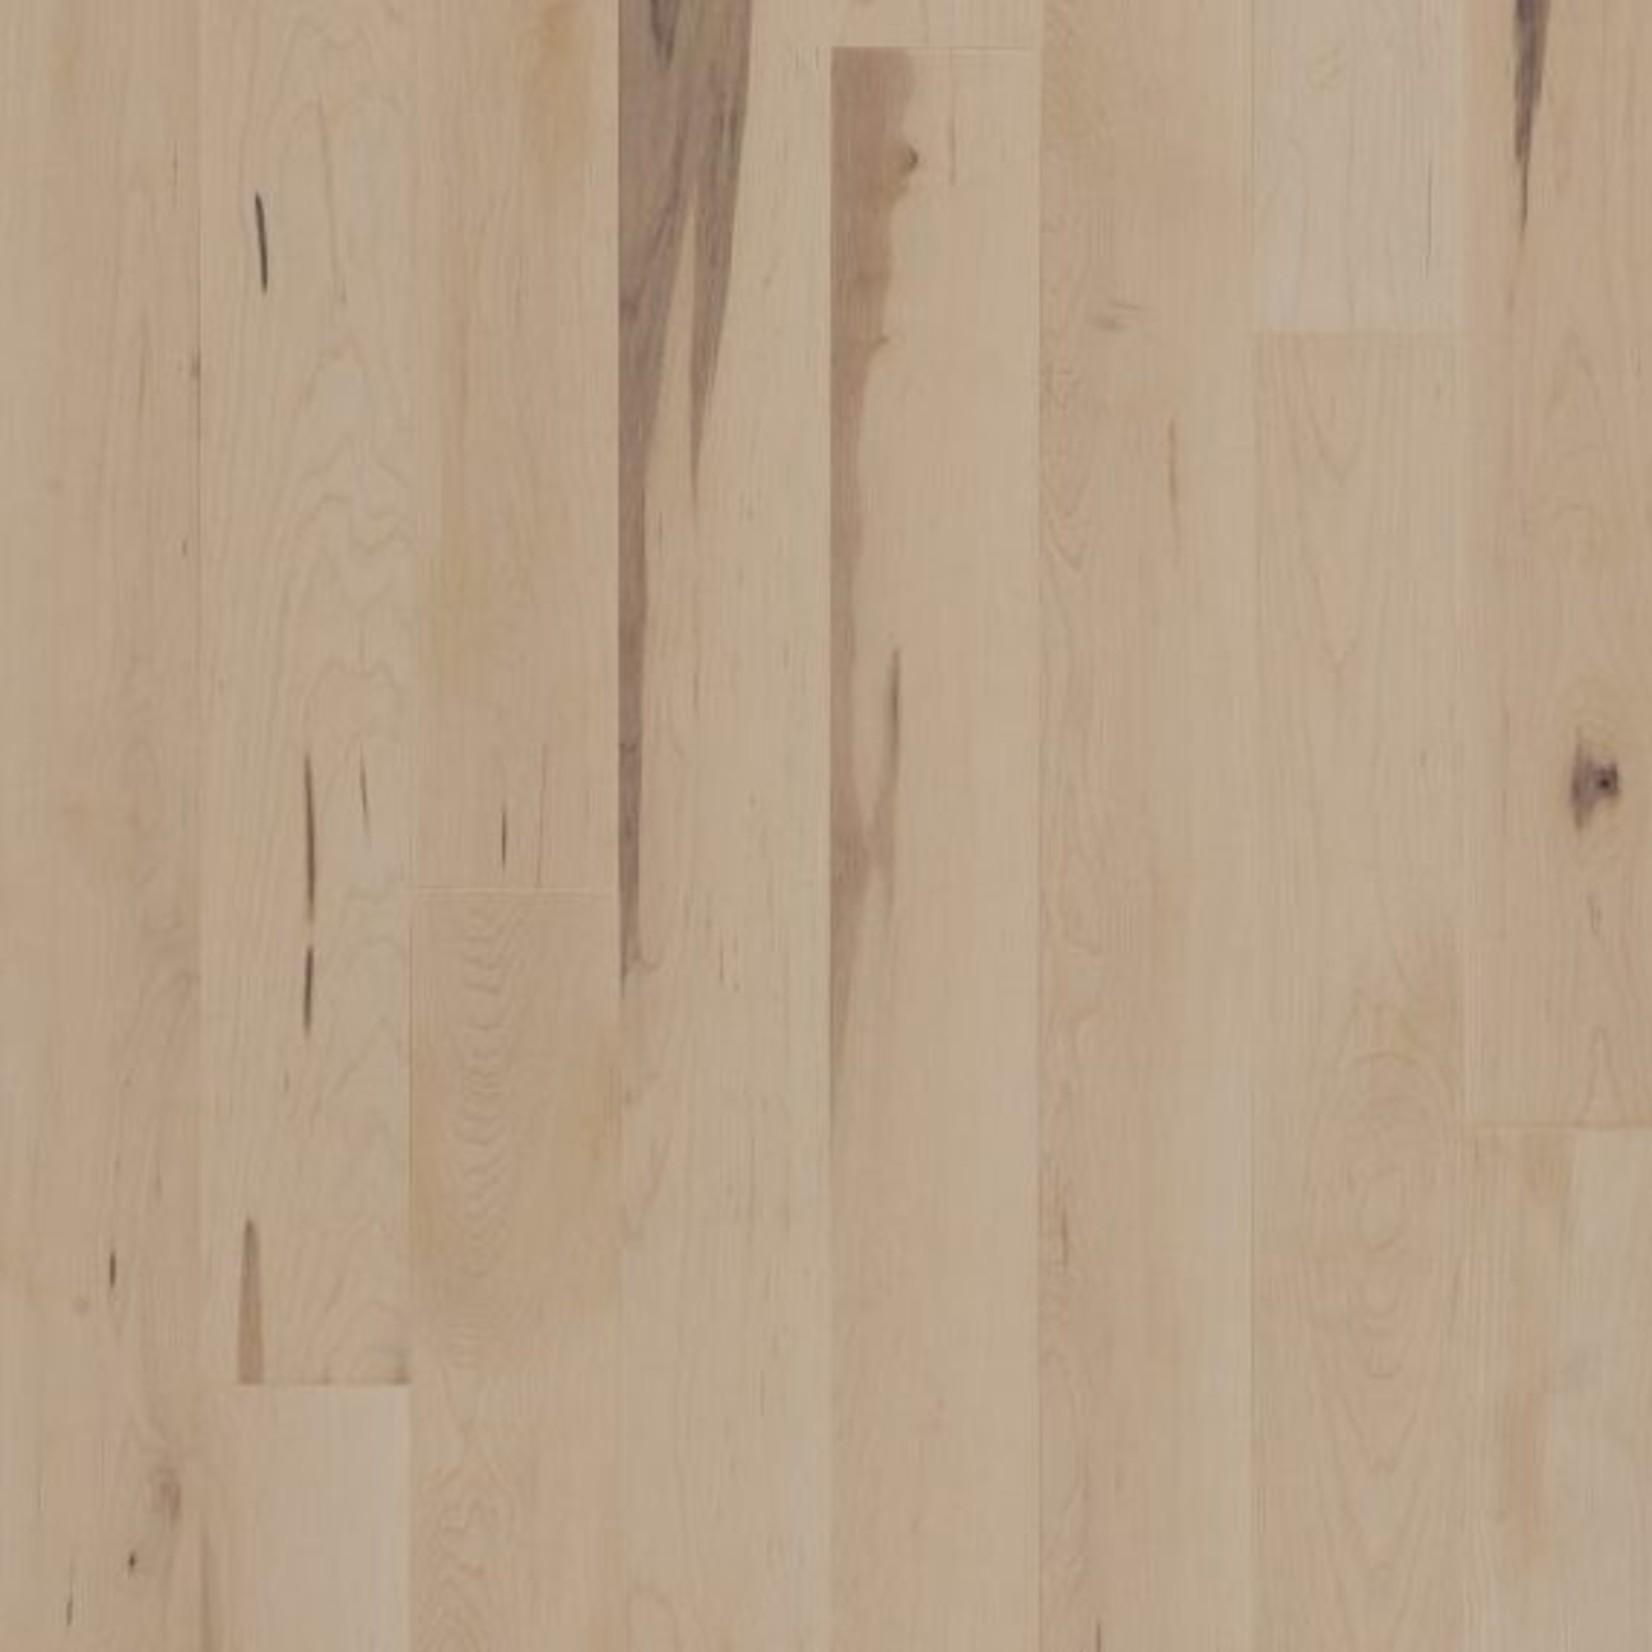 Dubeau Planchers Dubeau - Plancher Érable dur variation verni ultra-mat 10%